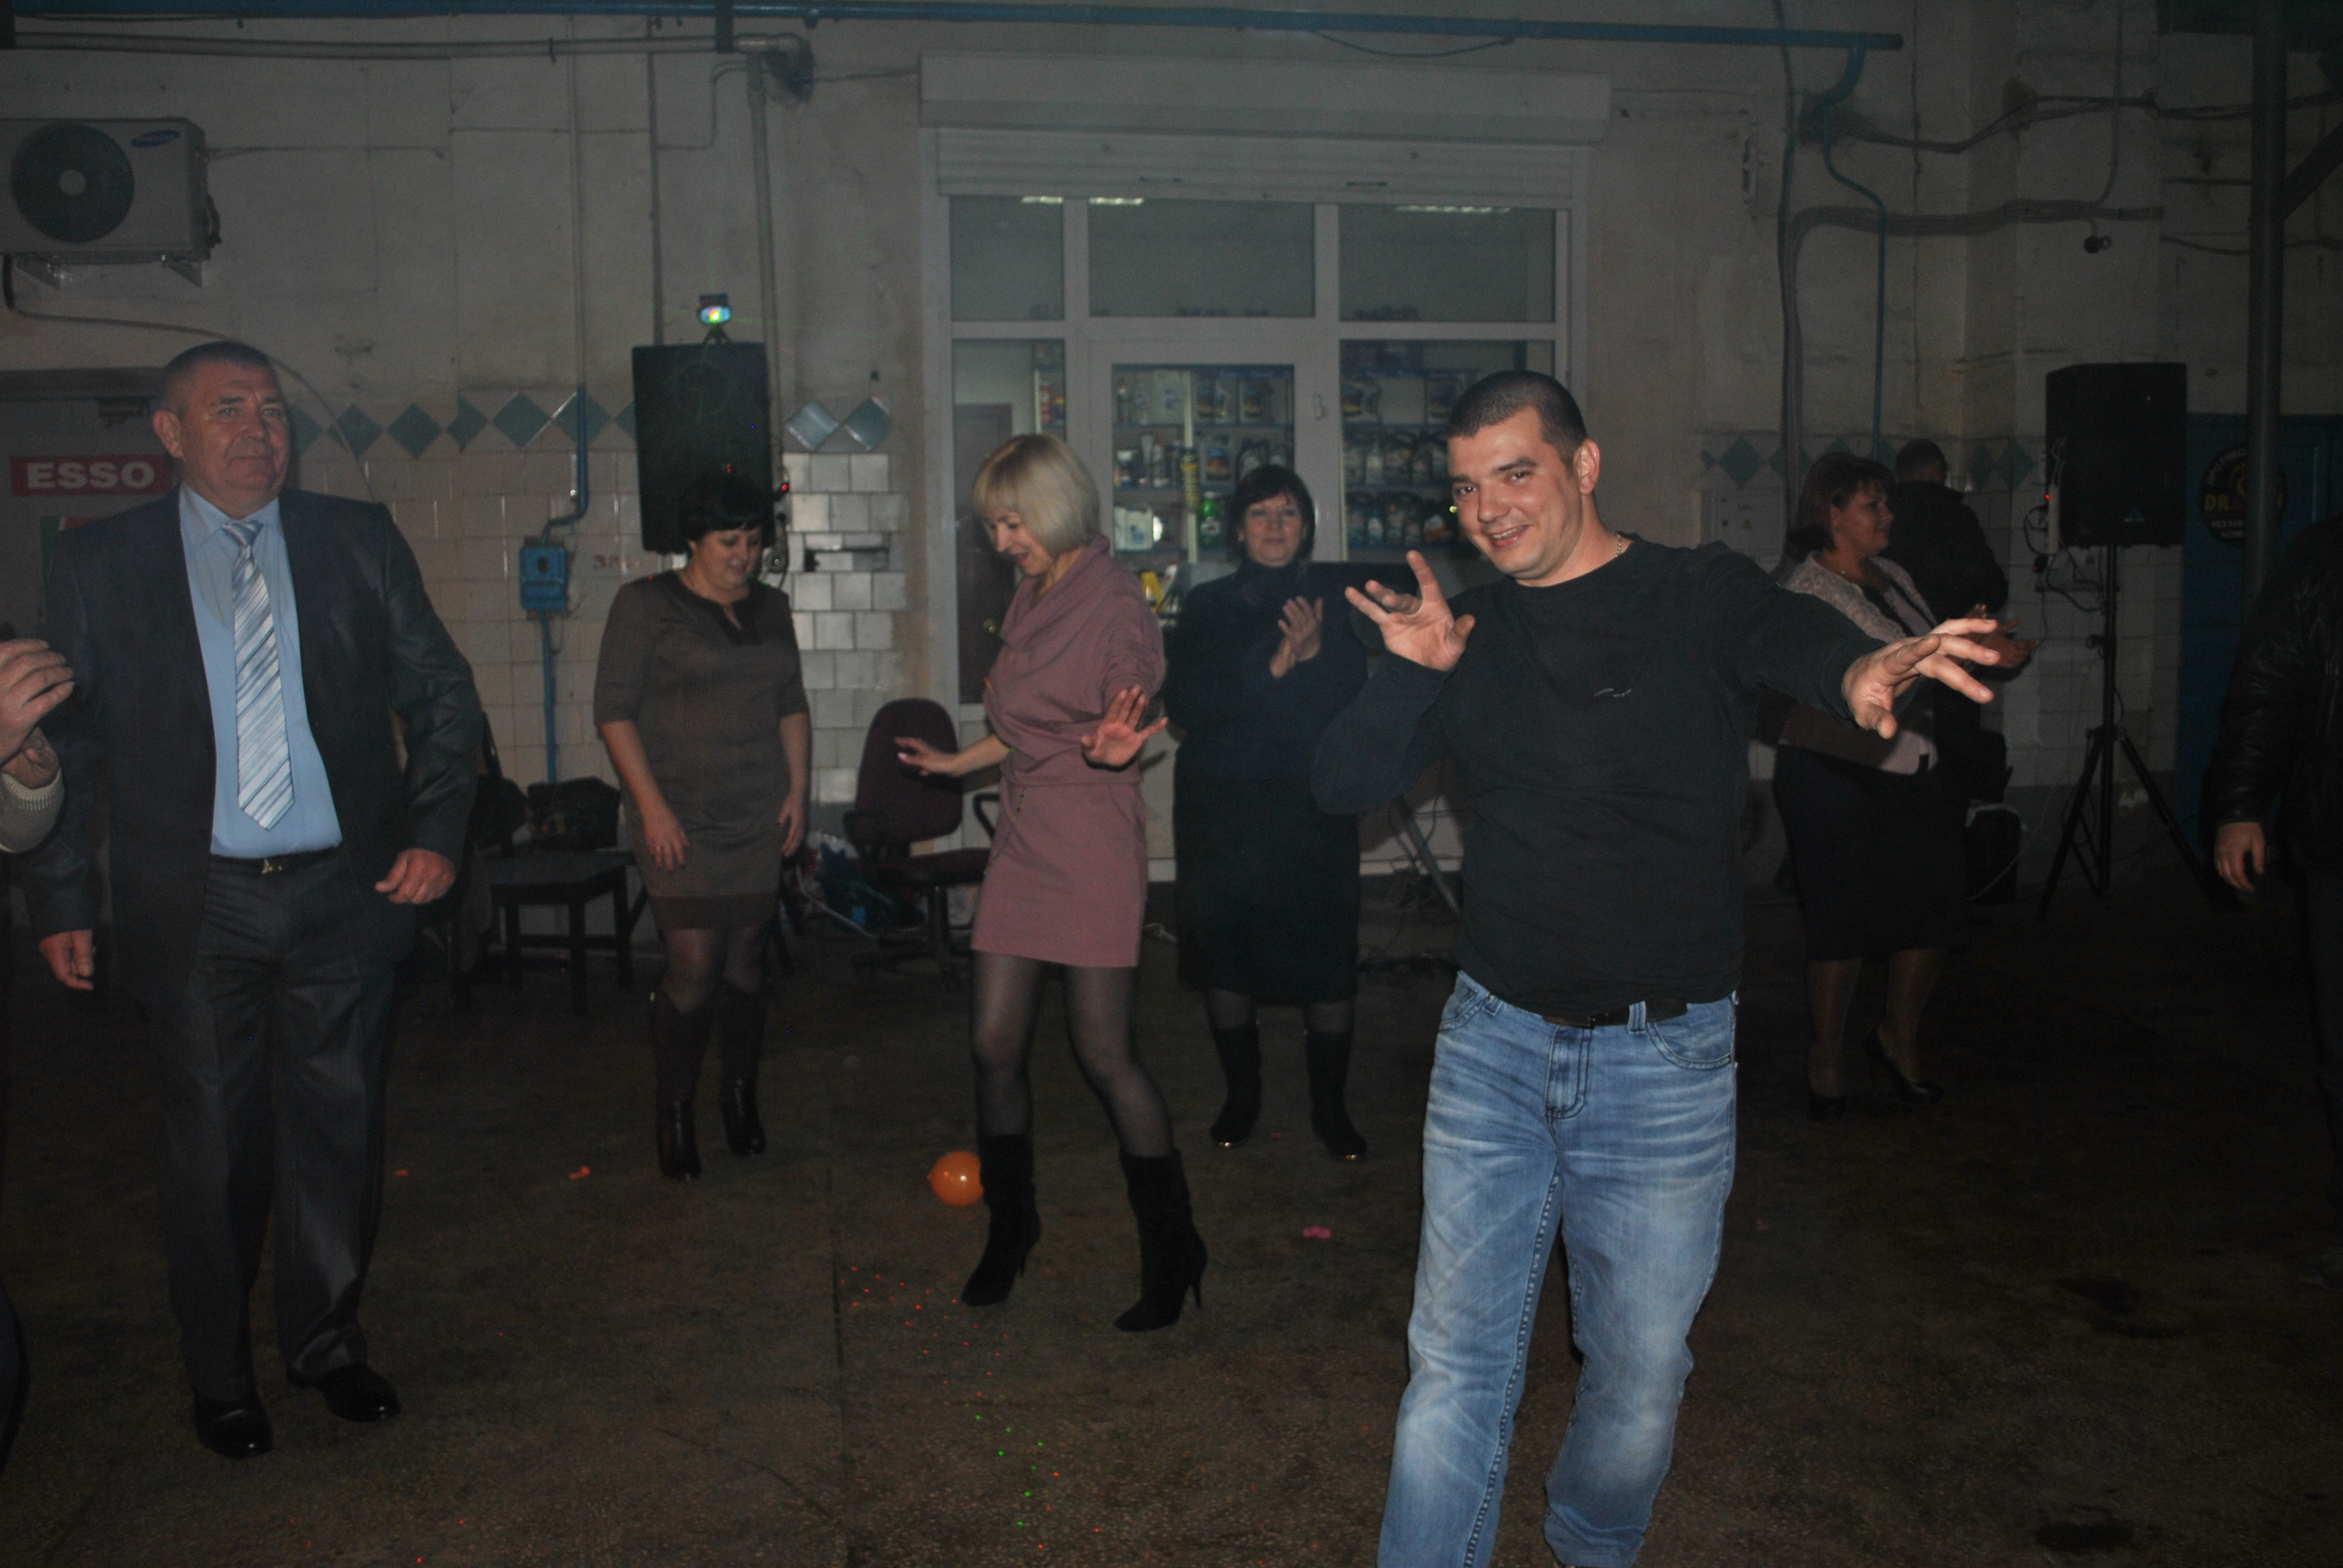 ...а в это время на танцполе